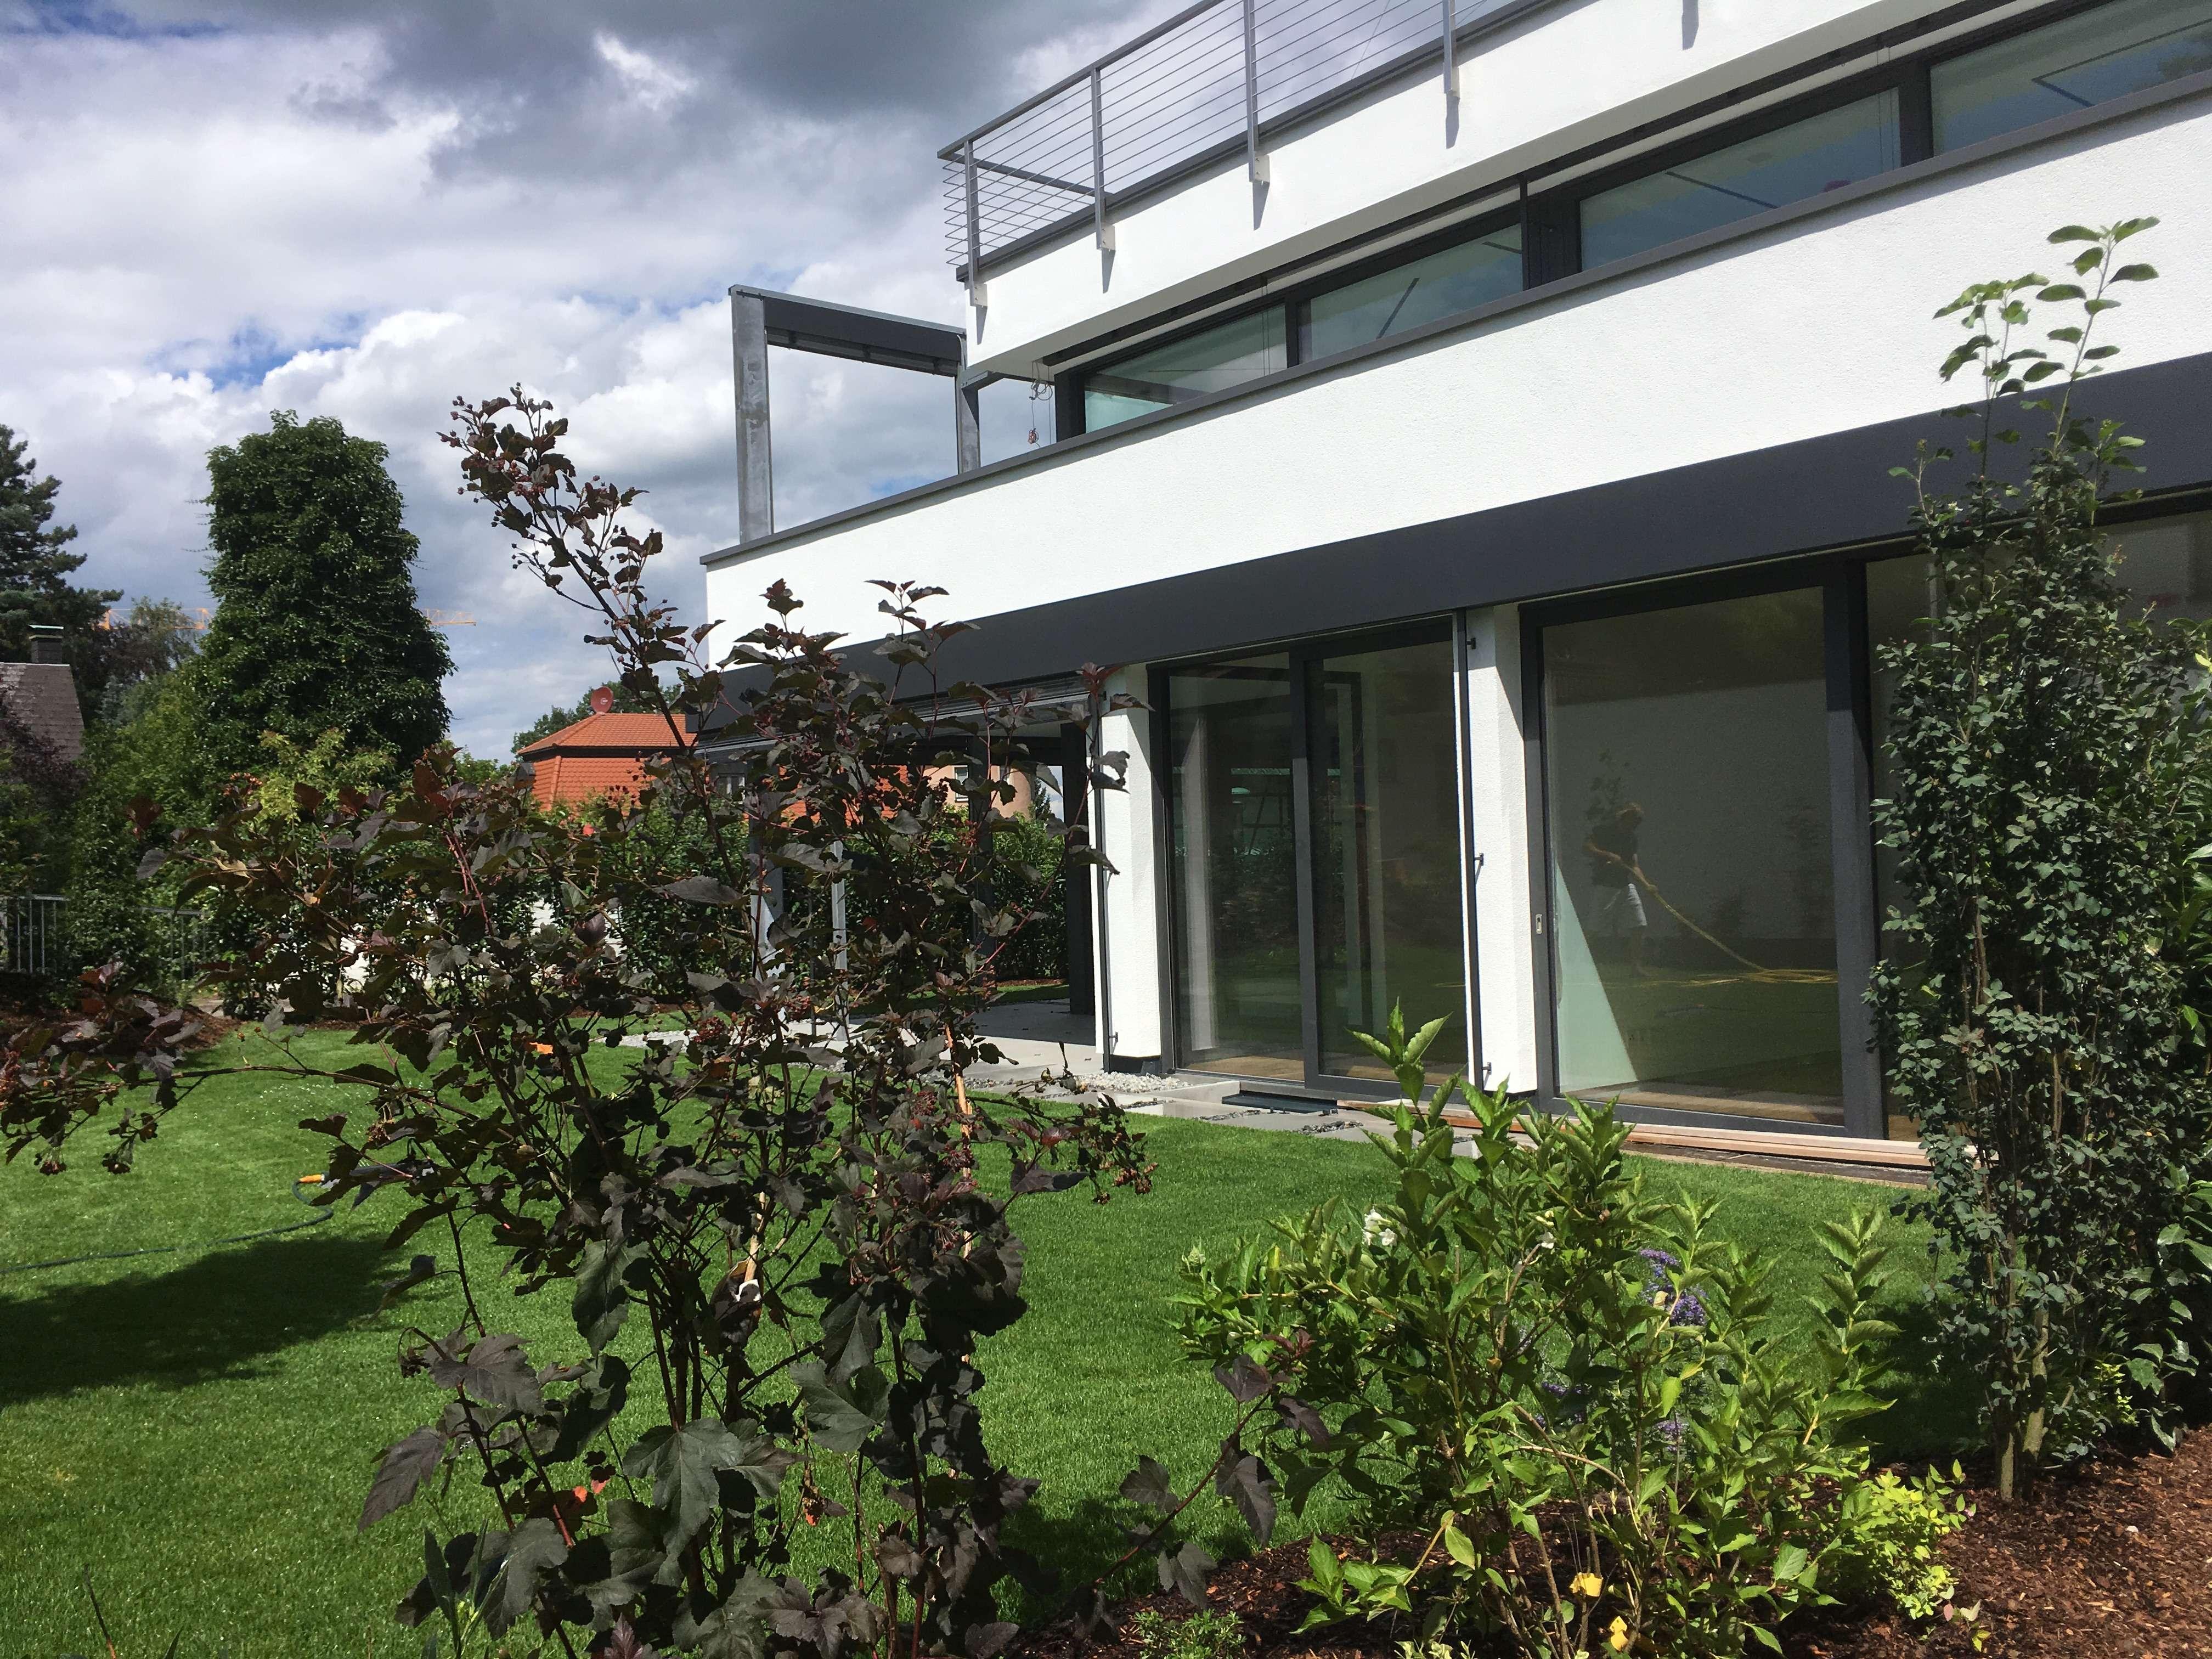 ein Traum - exklusive,moderne 4-Zimmerwohnung in Erlangen - beste Lage Burgberg mit Garten in Erlangen Nord- Burgberg (Erlangen)